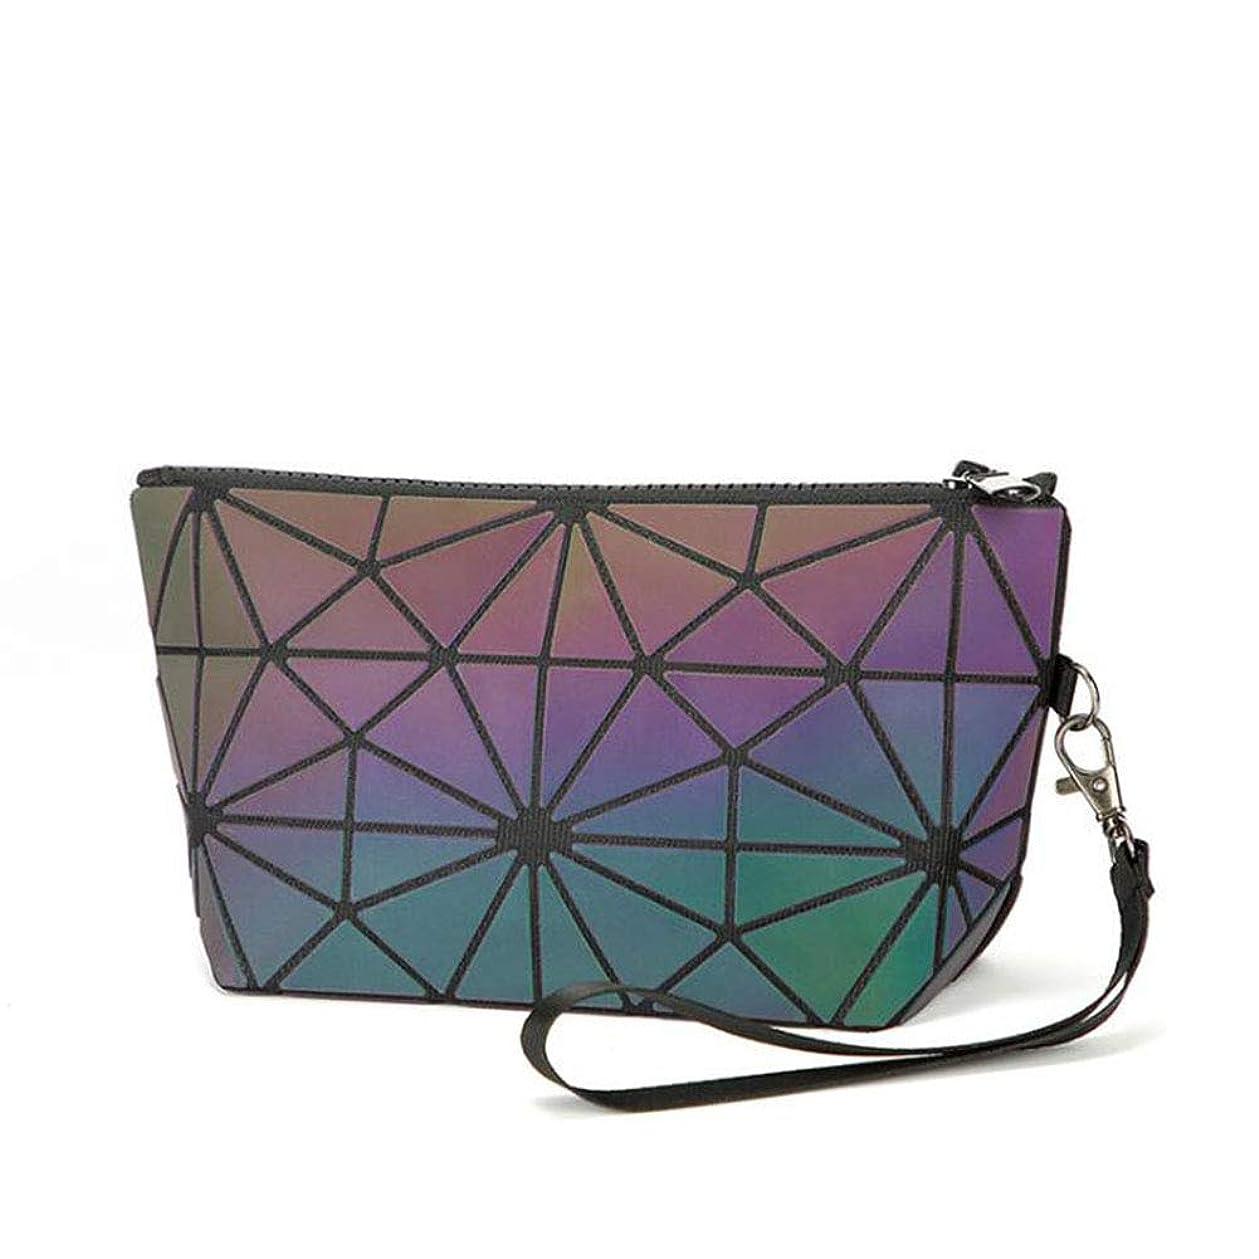 ジーンズ美徳個人新しい PVC 小さな化粧品バッグ幾何学的なダイヤモンドレディースルミナスレーザーハンド Makup バッグ